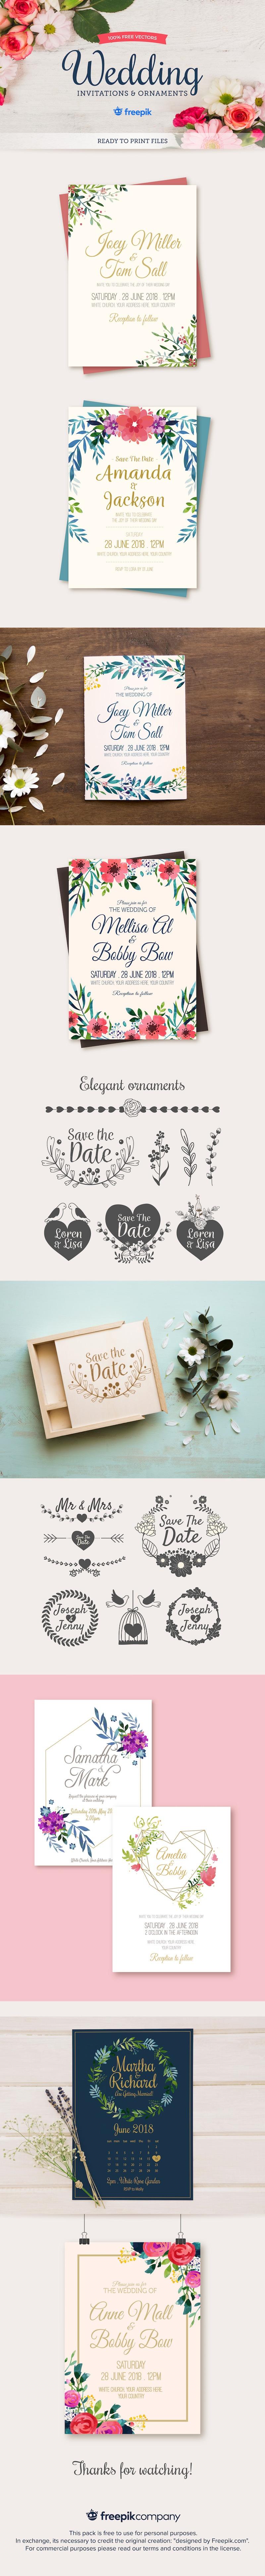 free wedding invitations ornaments vectors